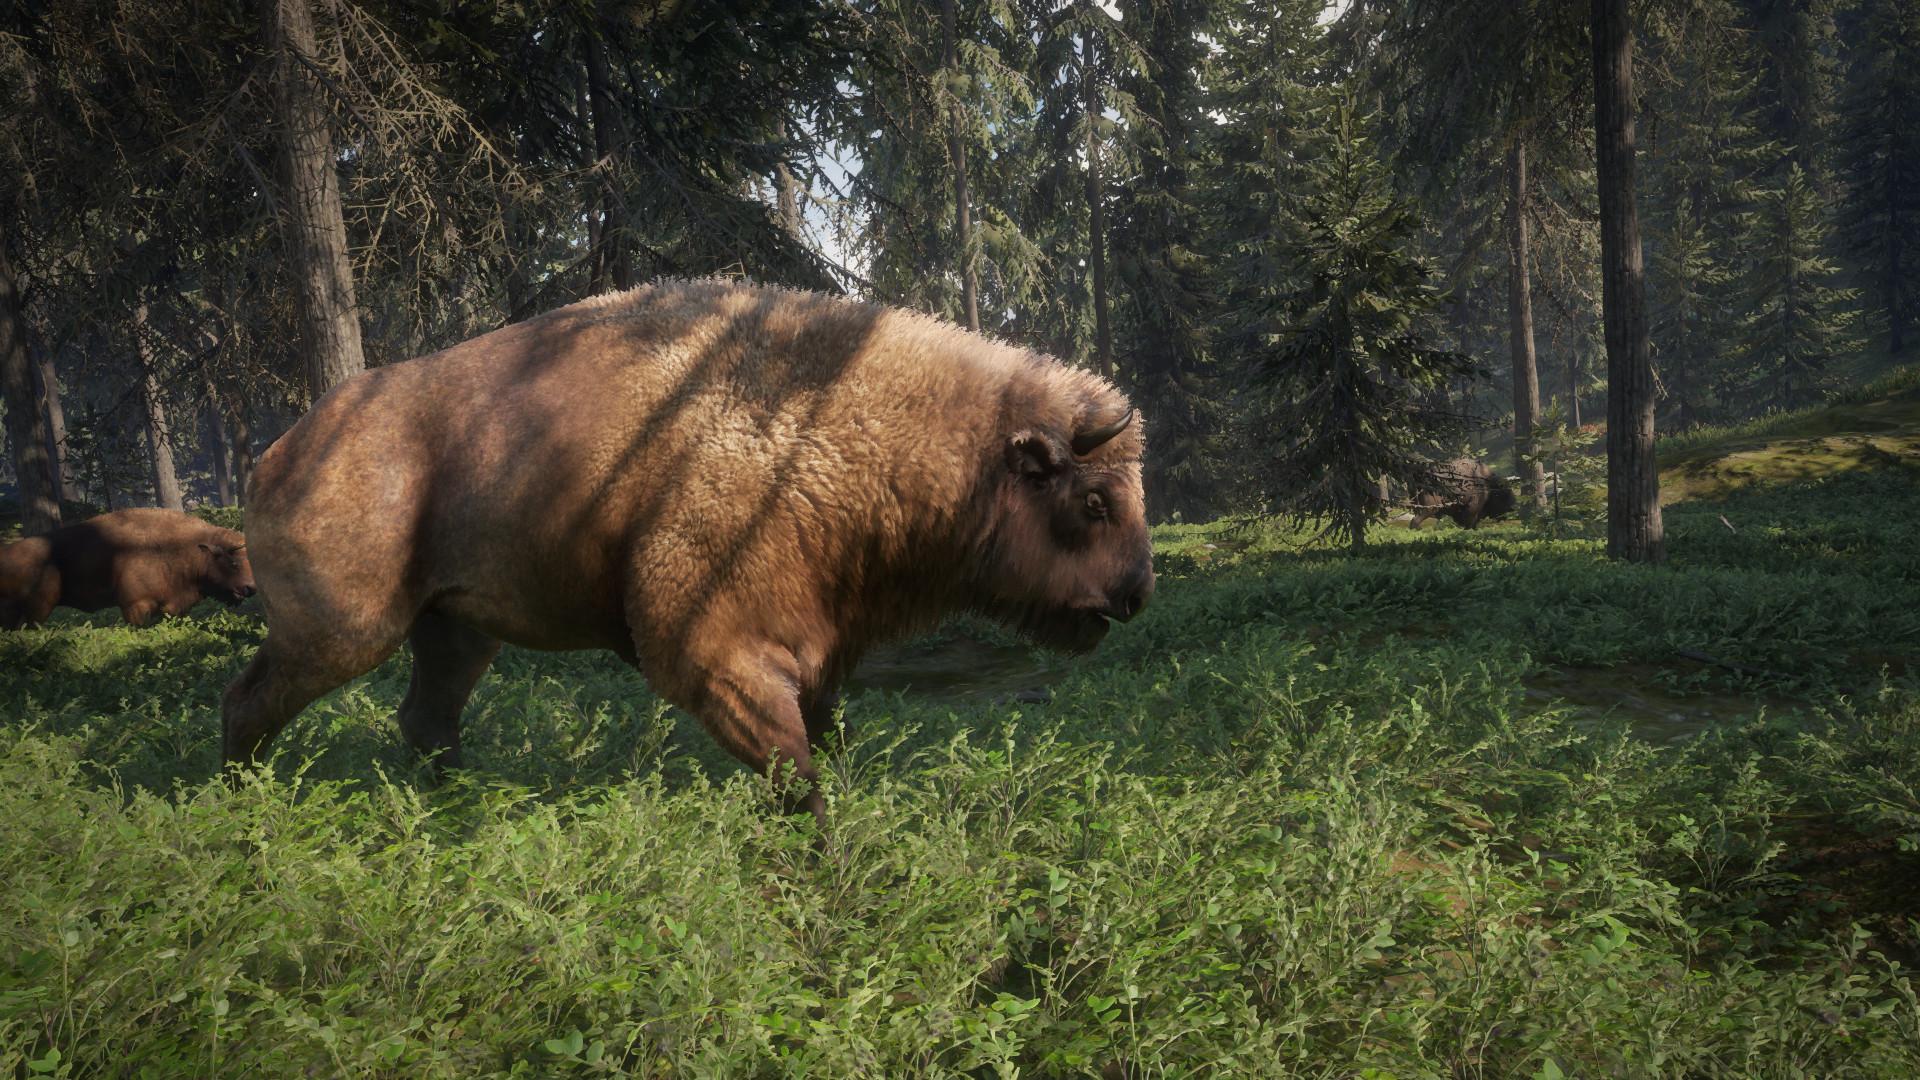 Yarrid henrard european bison tank